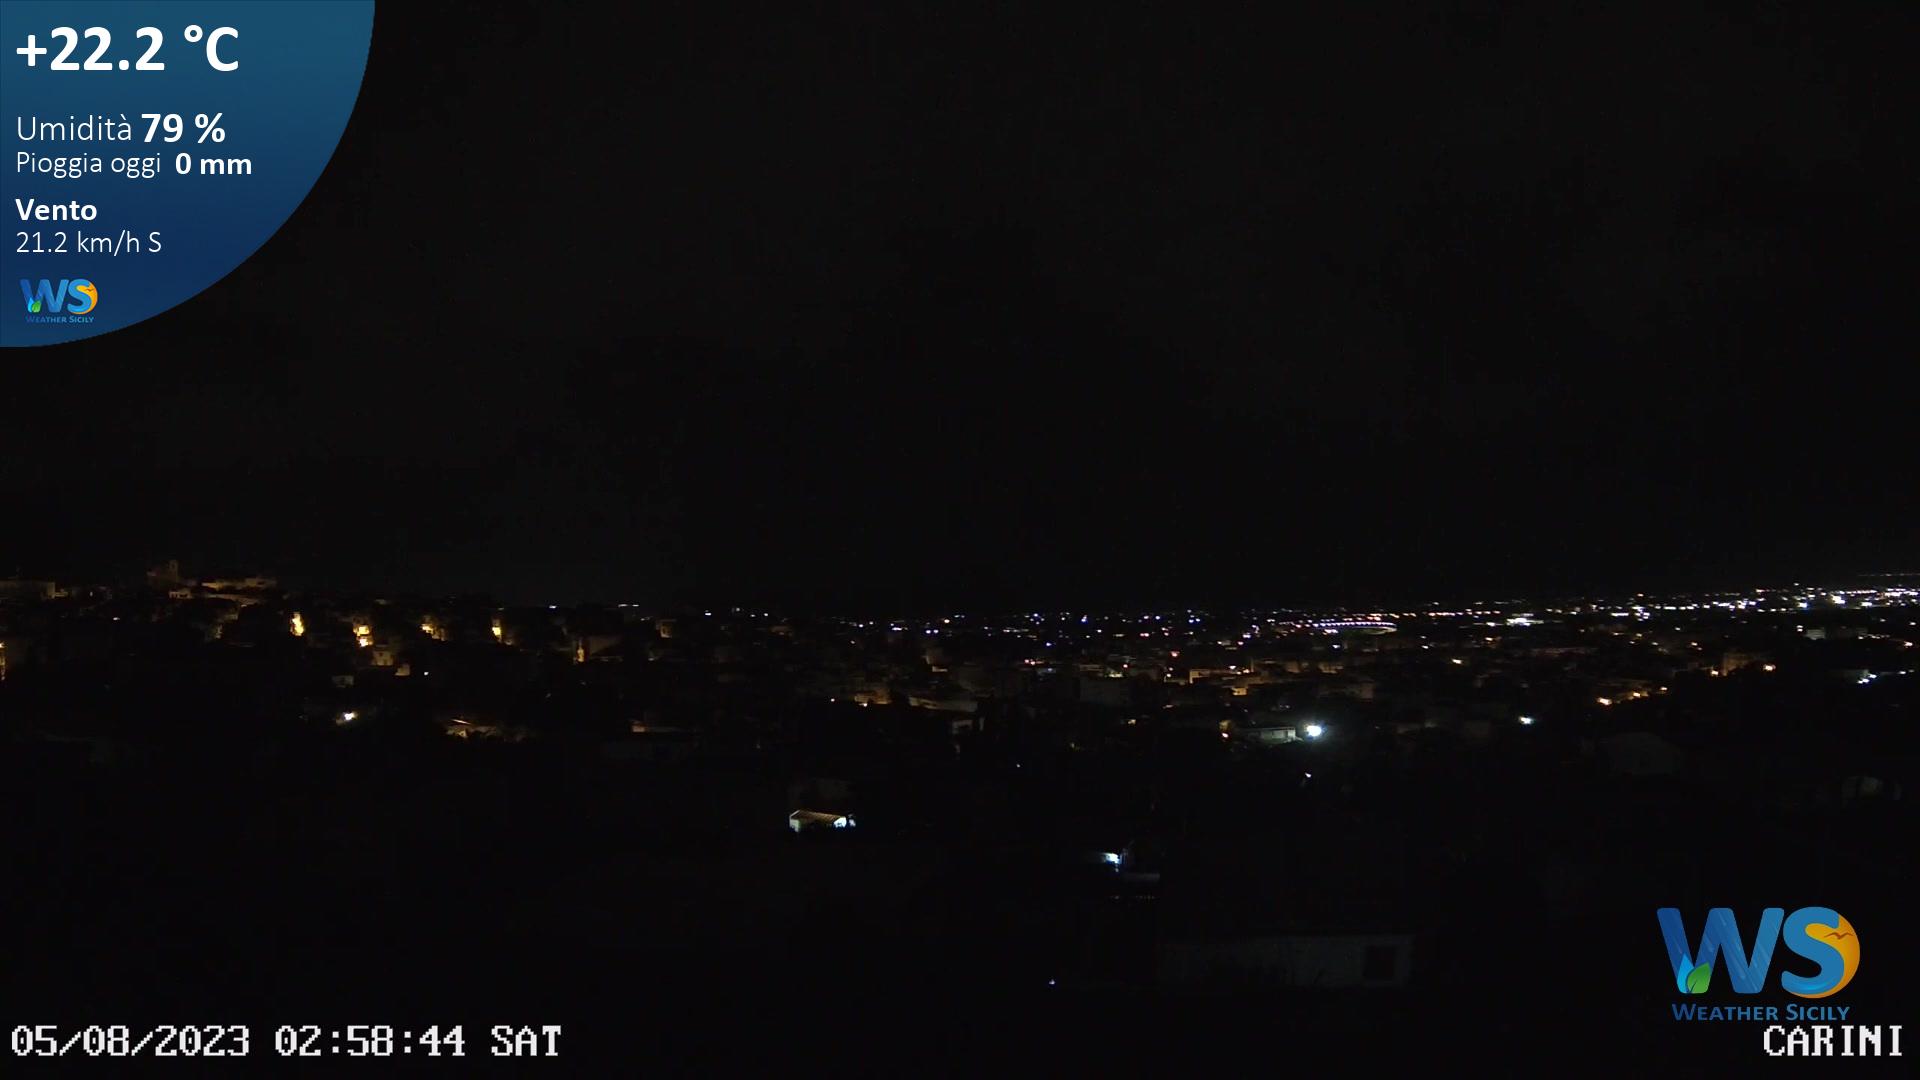 Webcam Carini - Meteo Carini